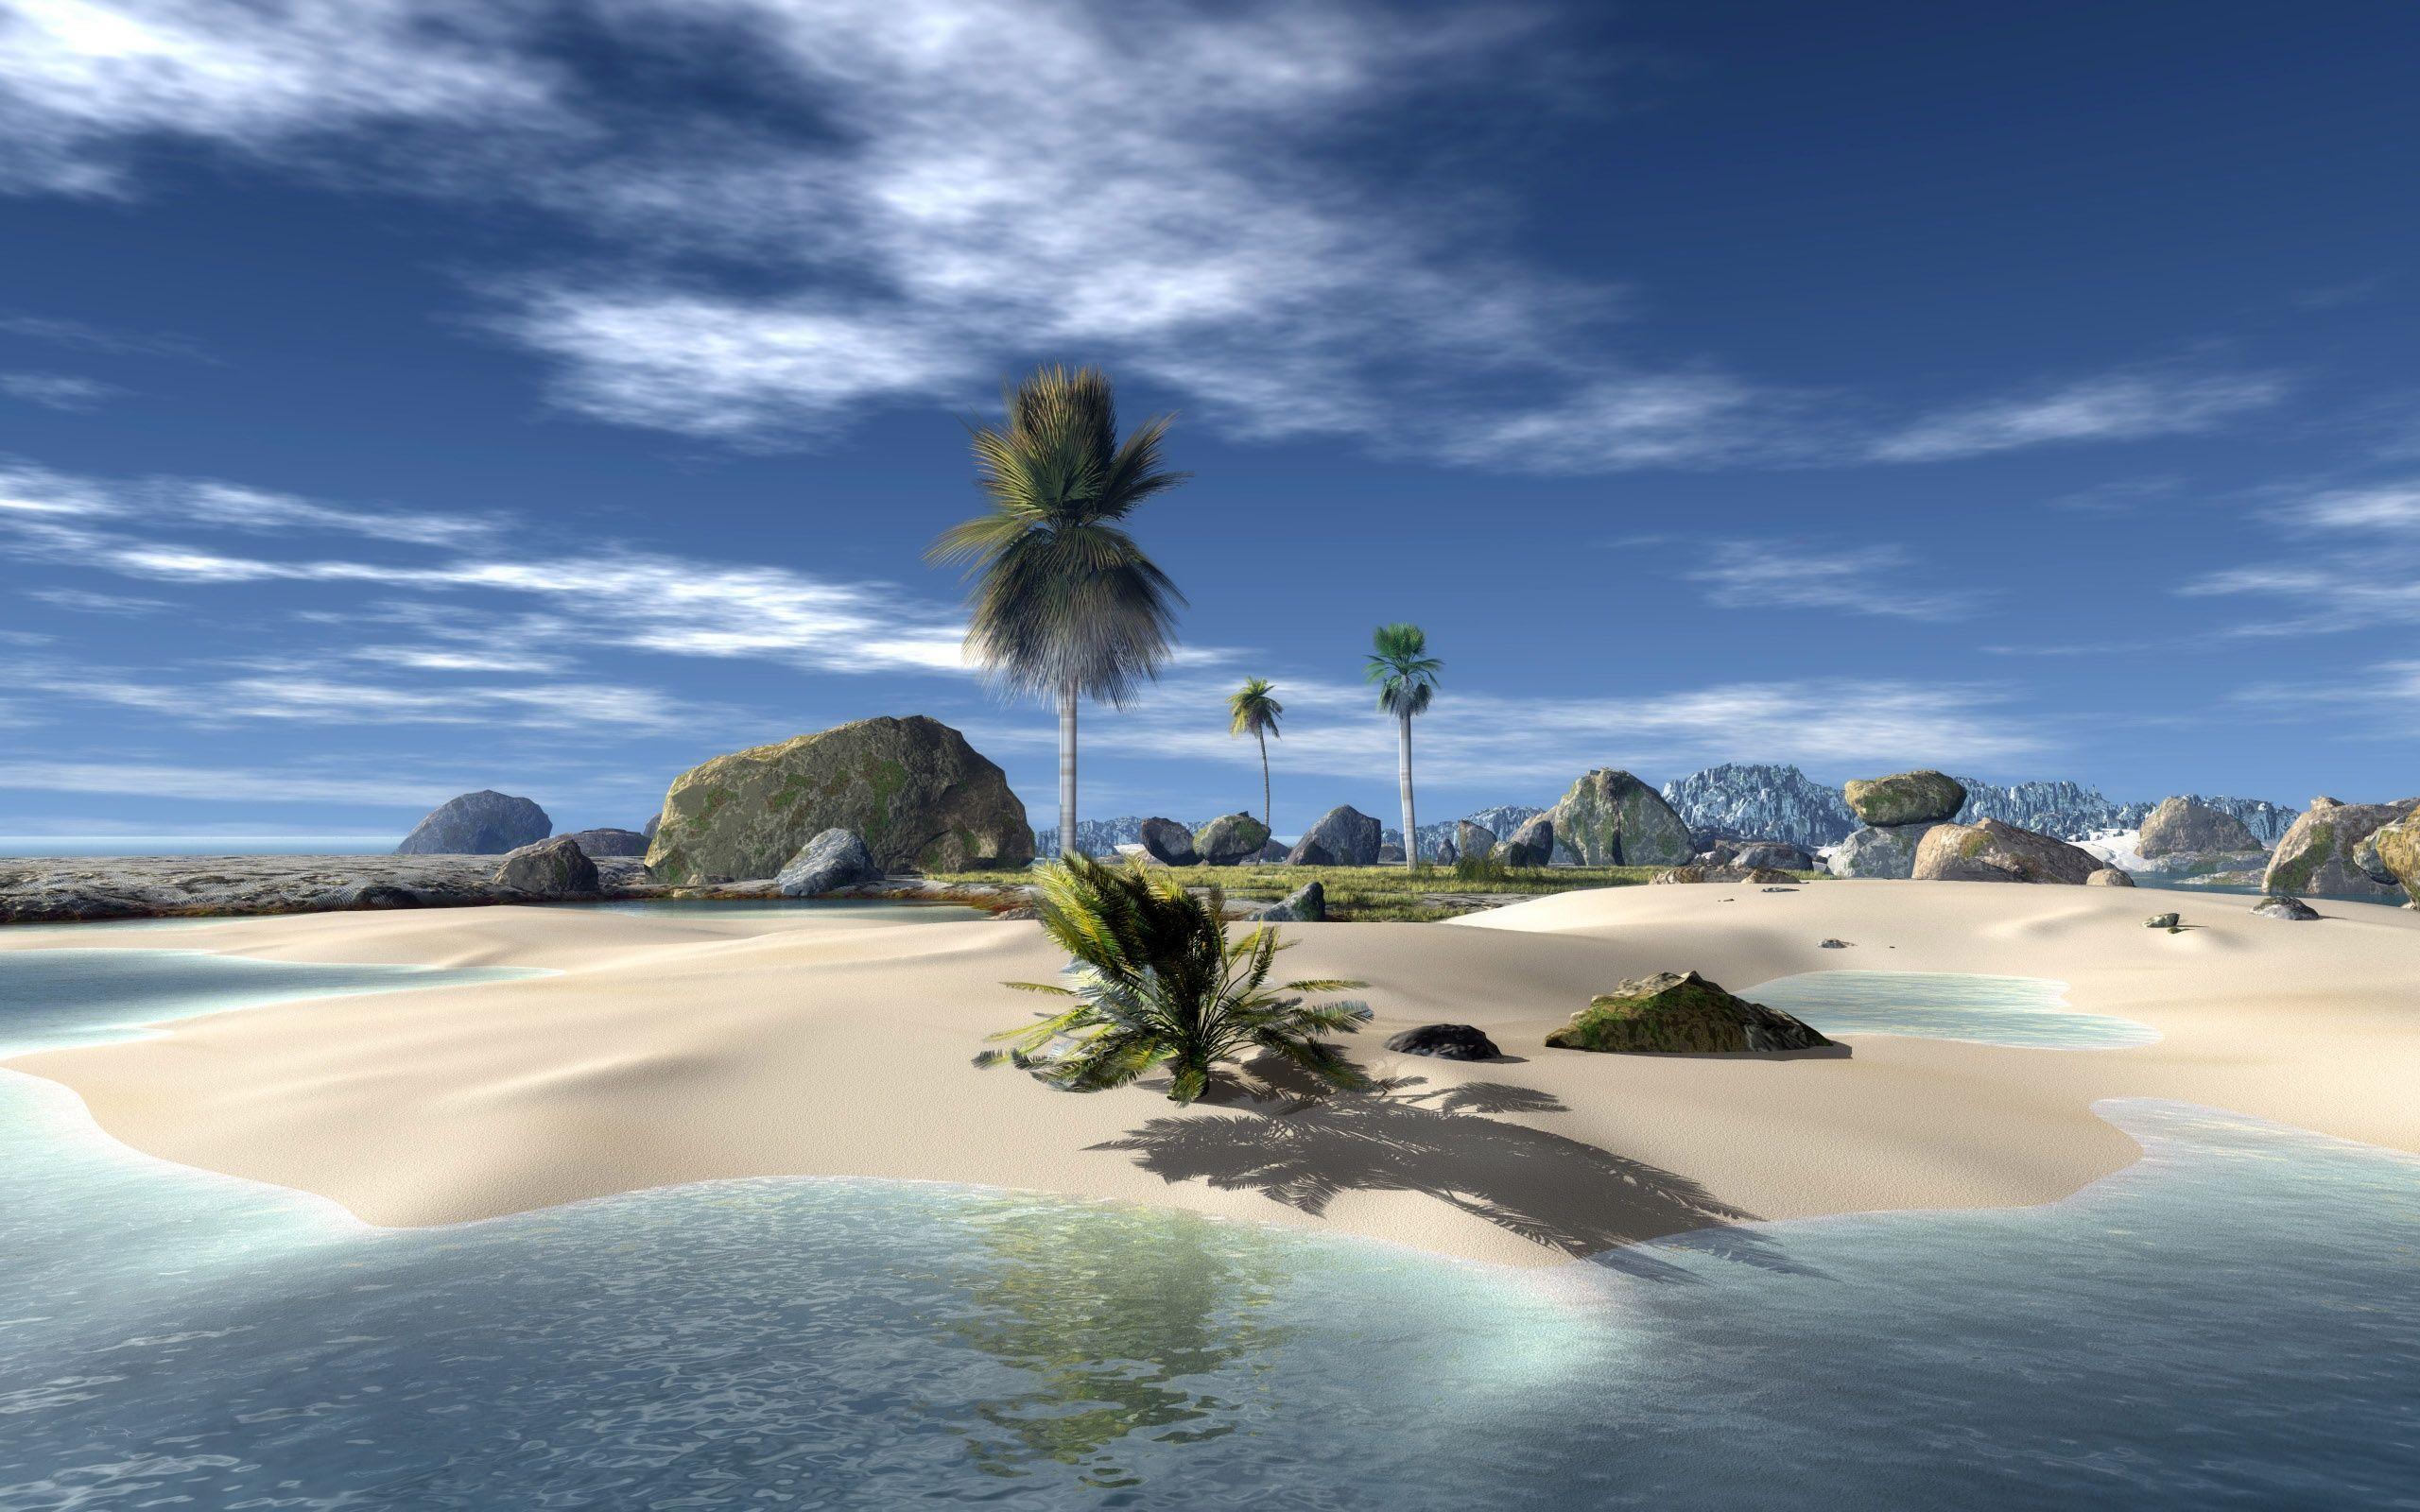 Beach Time Nature Beach Beach Wallpaper Beach Paradise Desktop wallpaper beach paradise